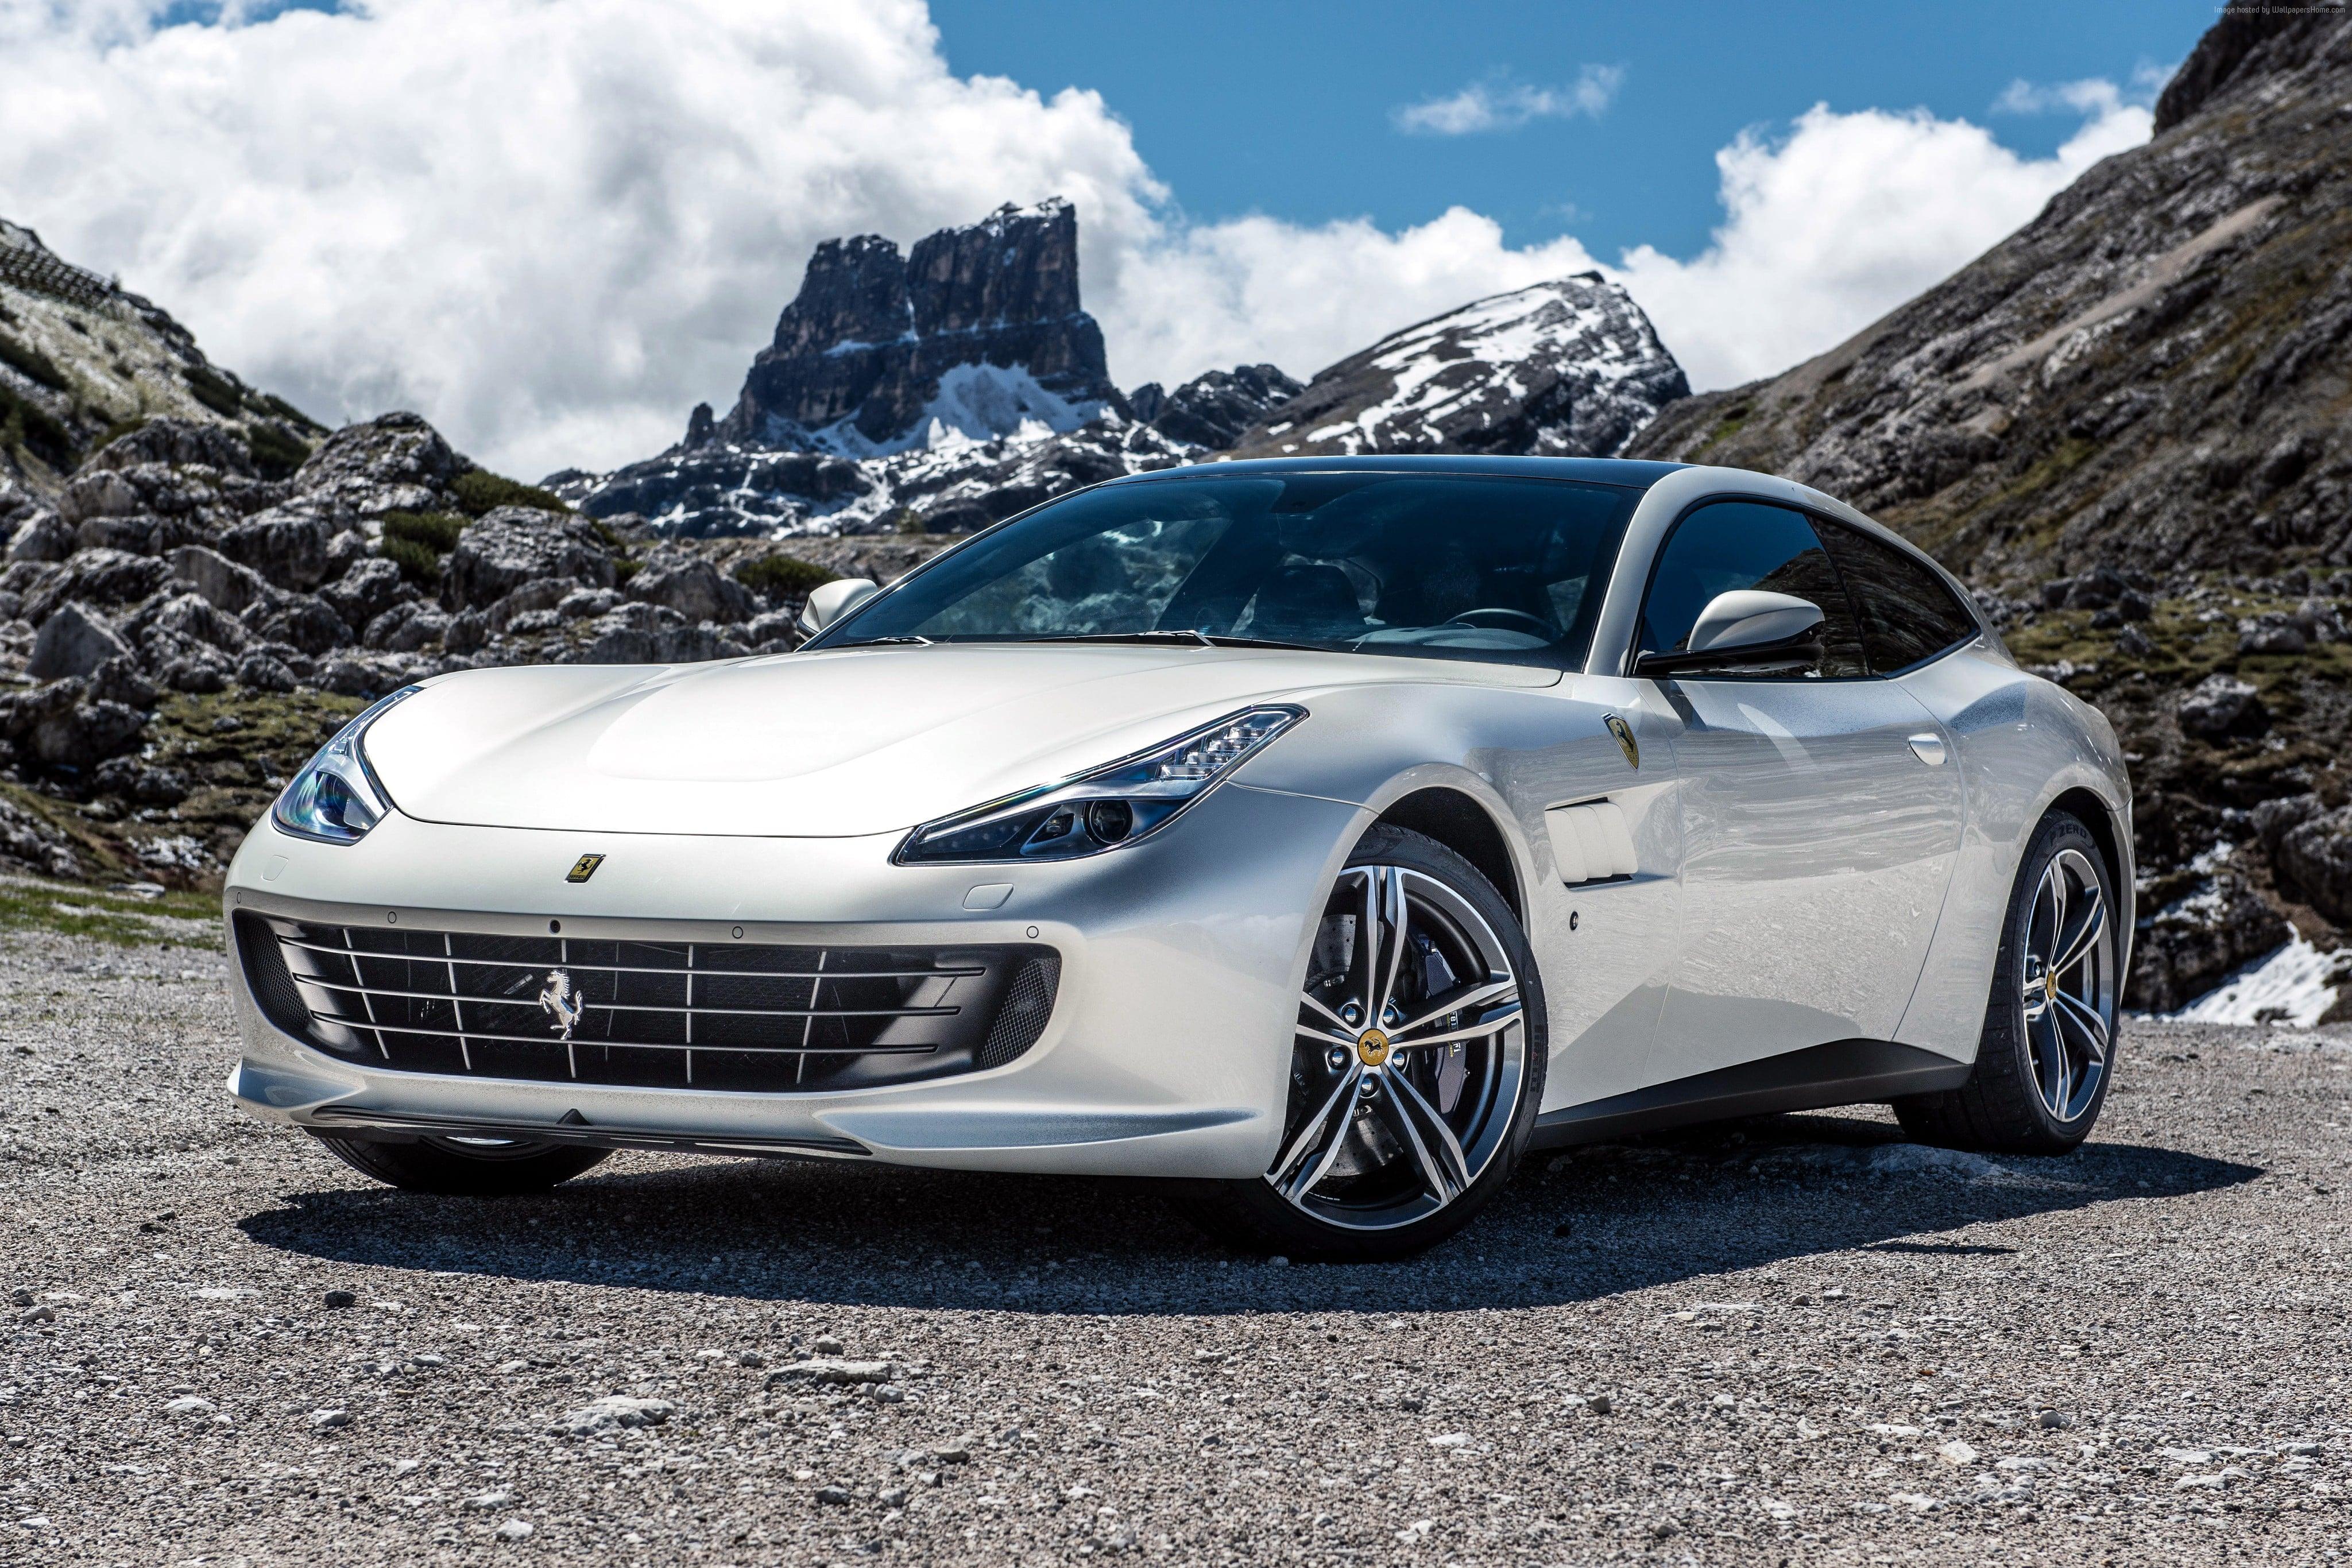 hire electric parole elettrica rome ferrari sulle produce di cars luxury ragioniamo marchionne rental soon italy car will meglio copertina